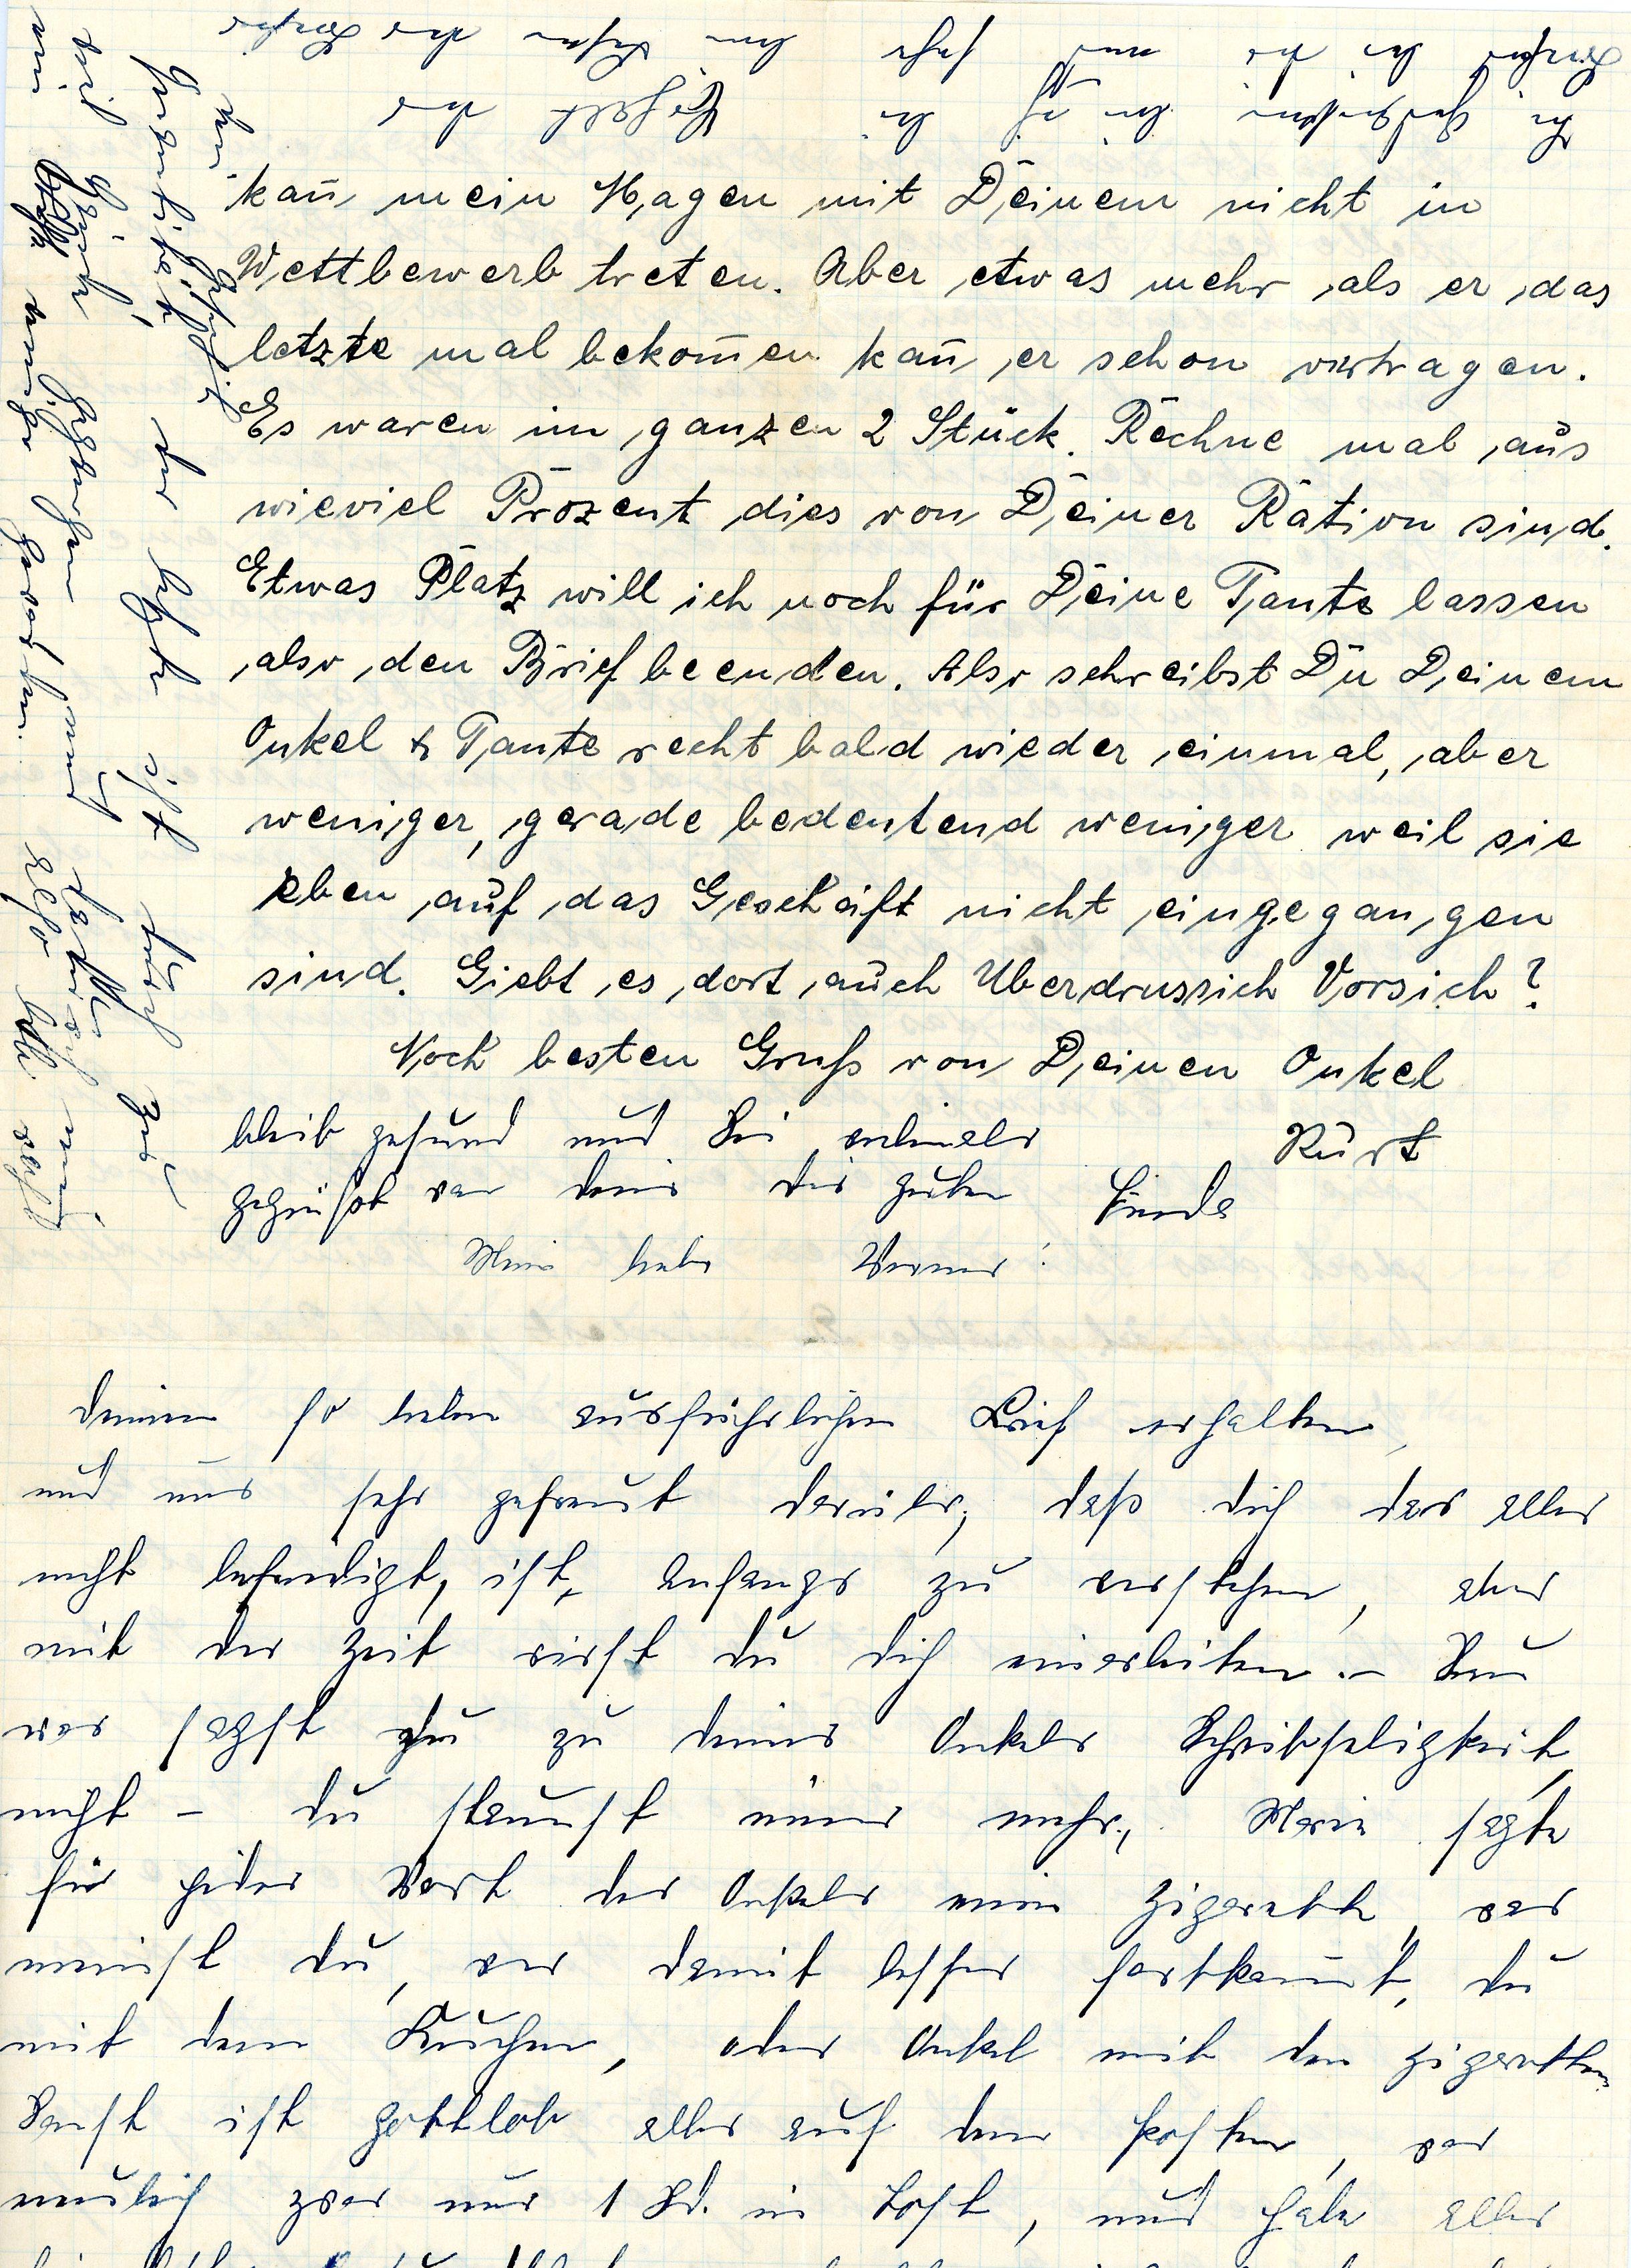 kurt long letter page four top half